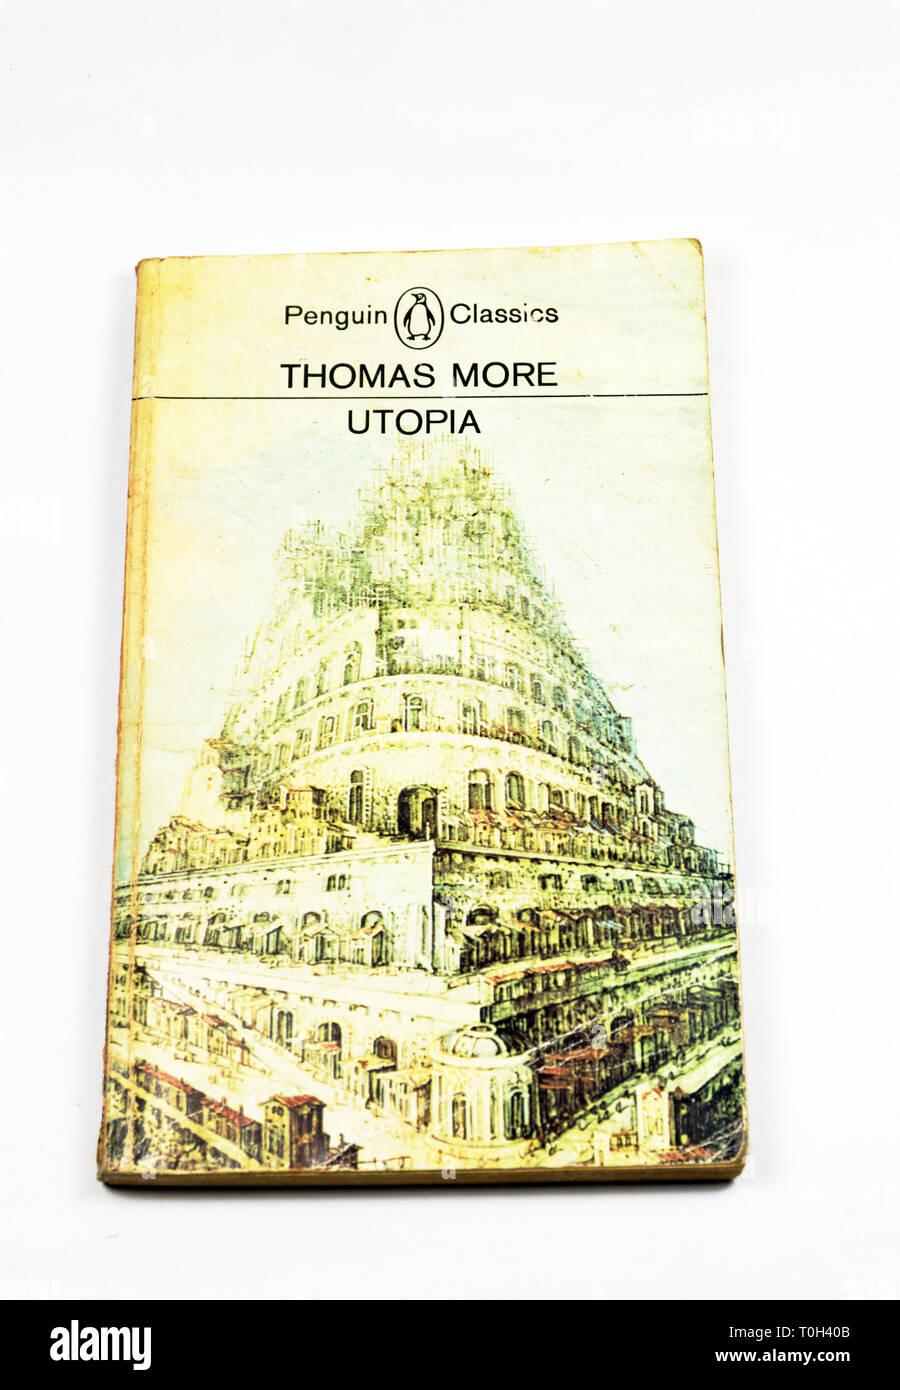 Thomas More, Utopia book - Stock Image